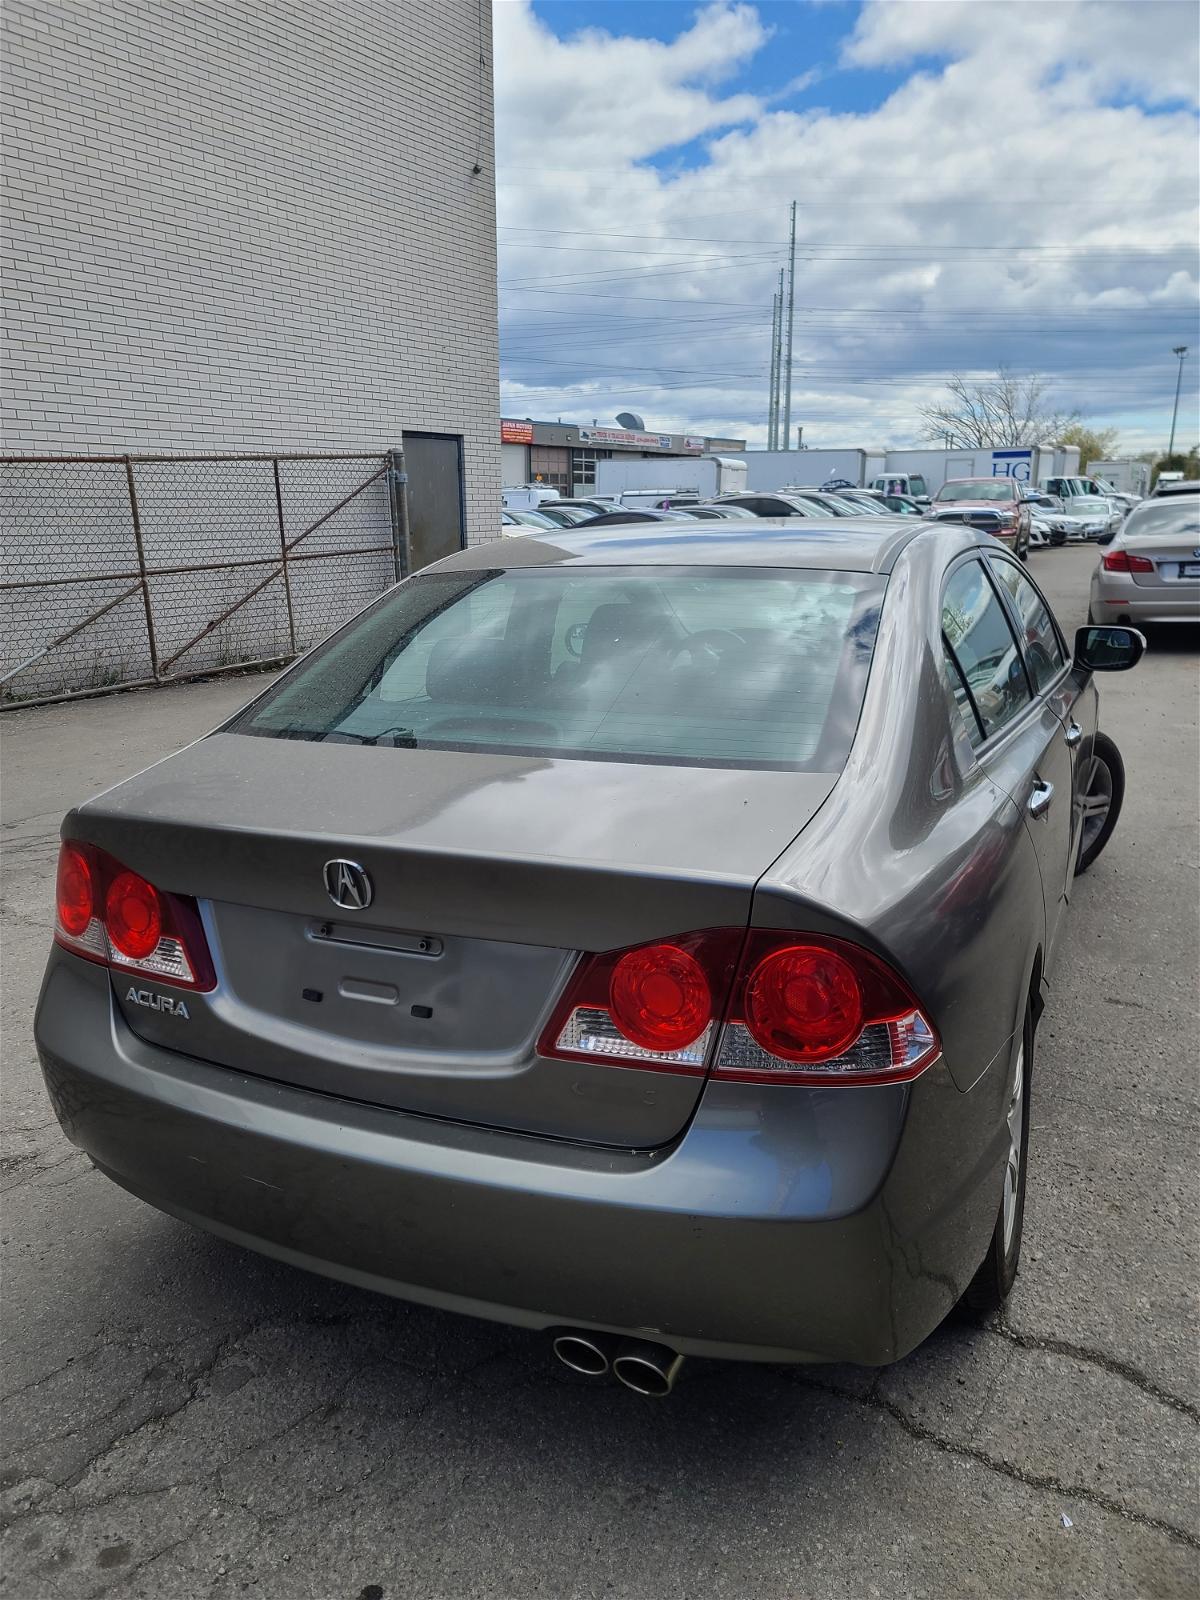 2008 - Acura - CSX - 2HHFD56528H201675